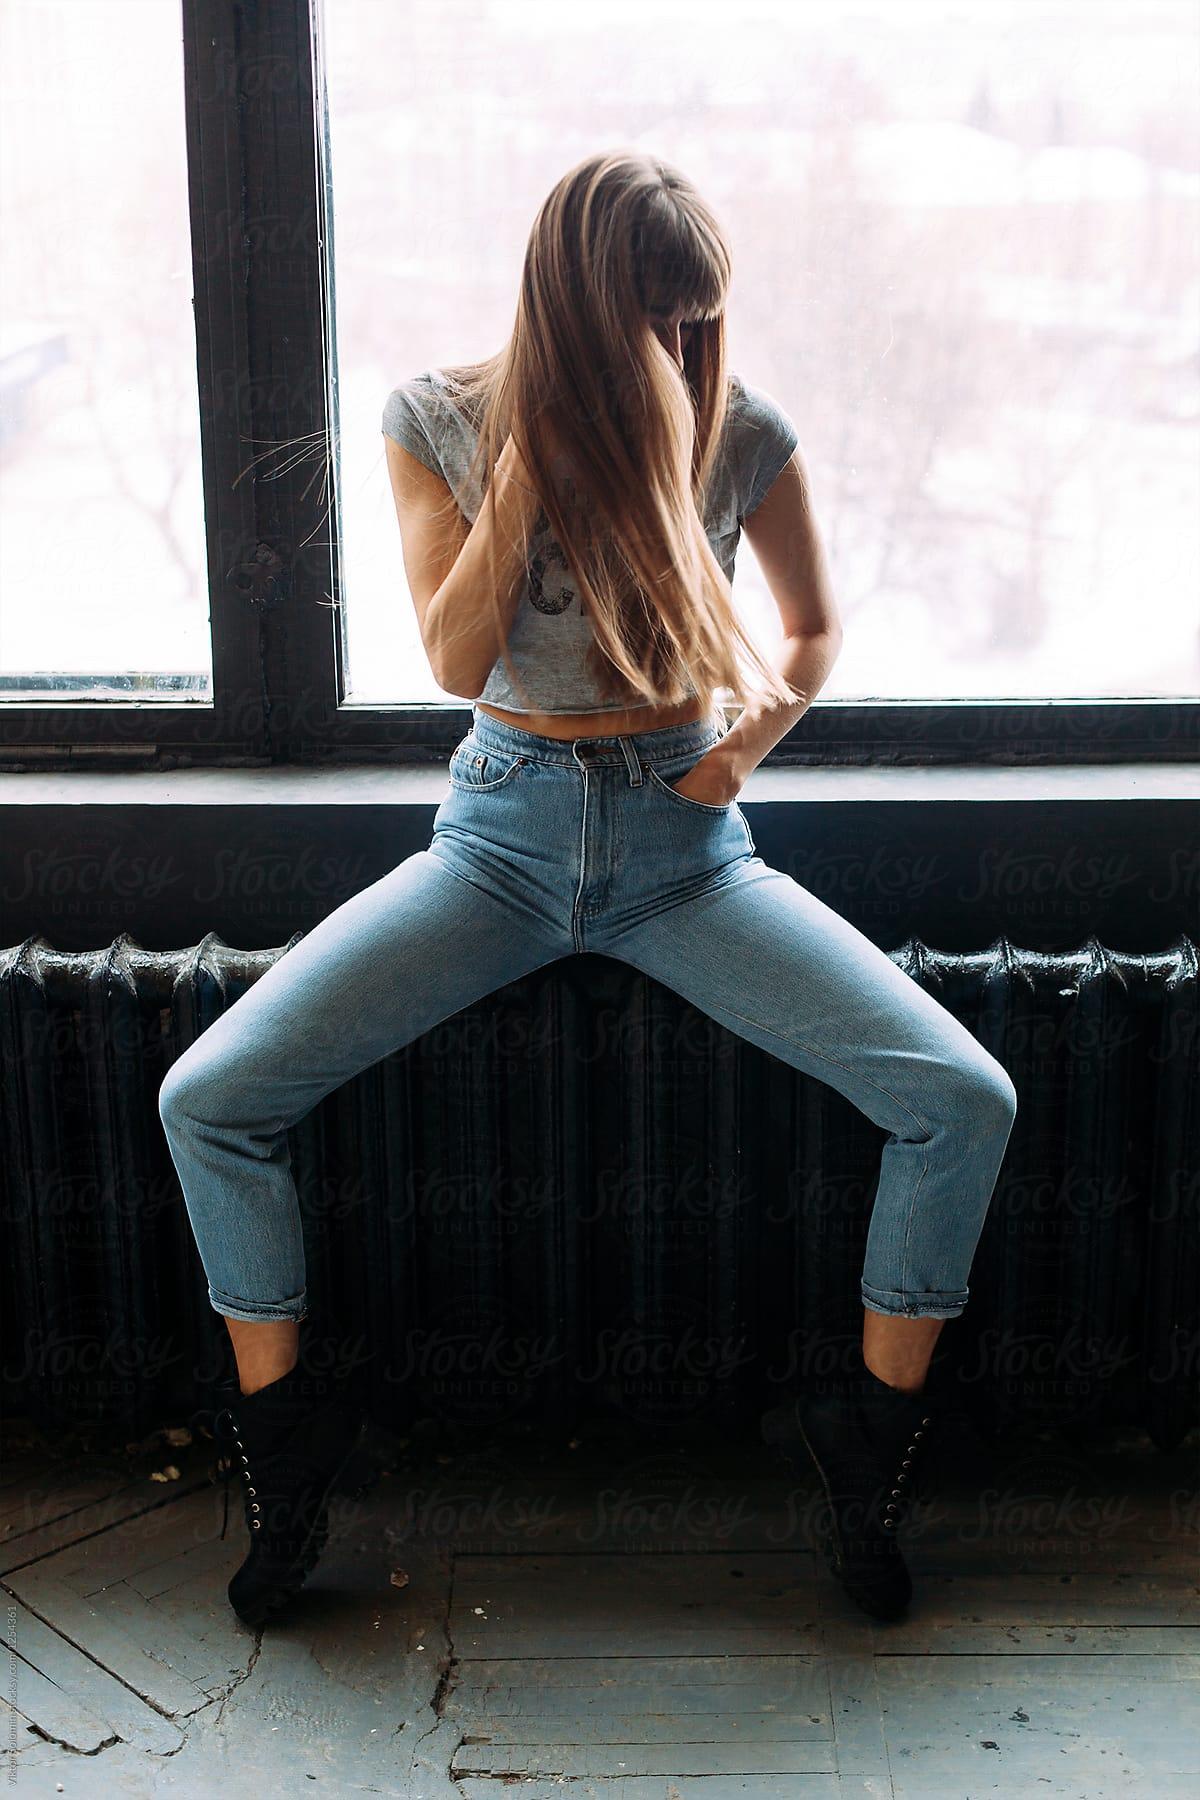 Girls fucking in weird position